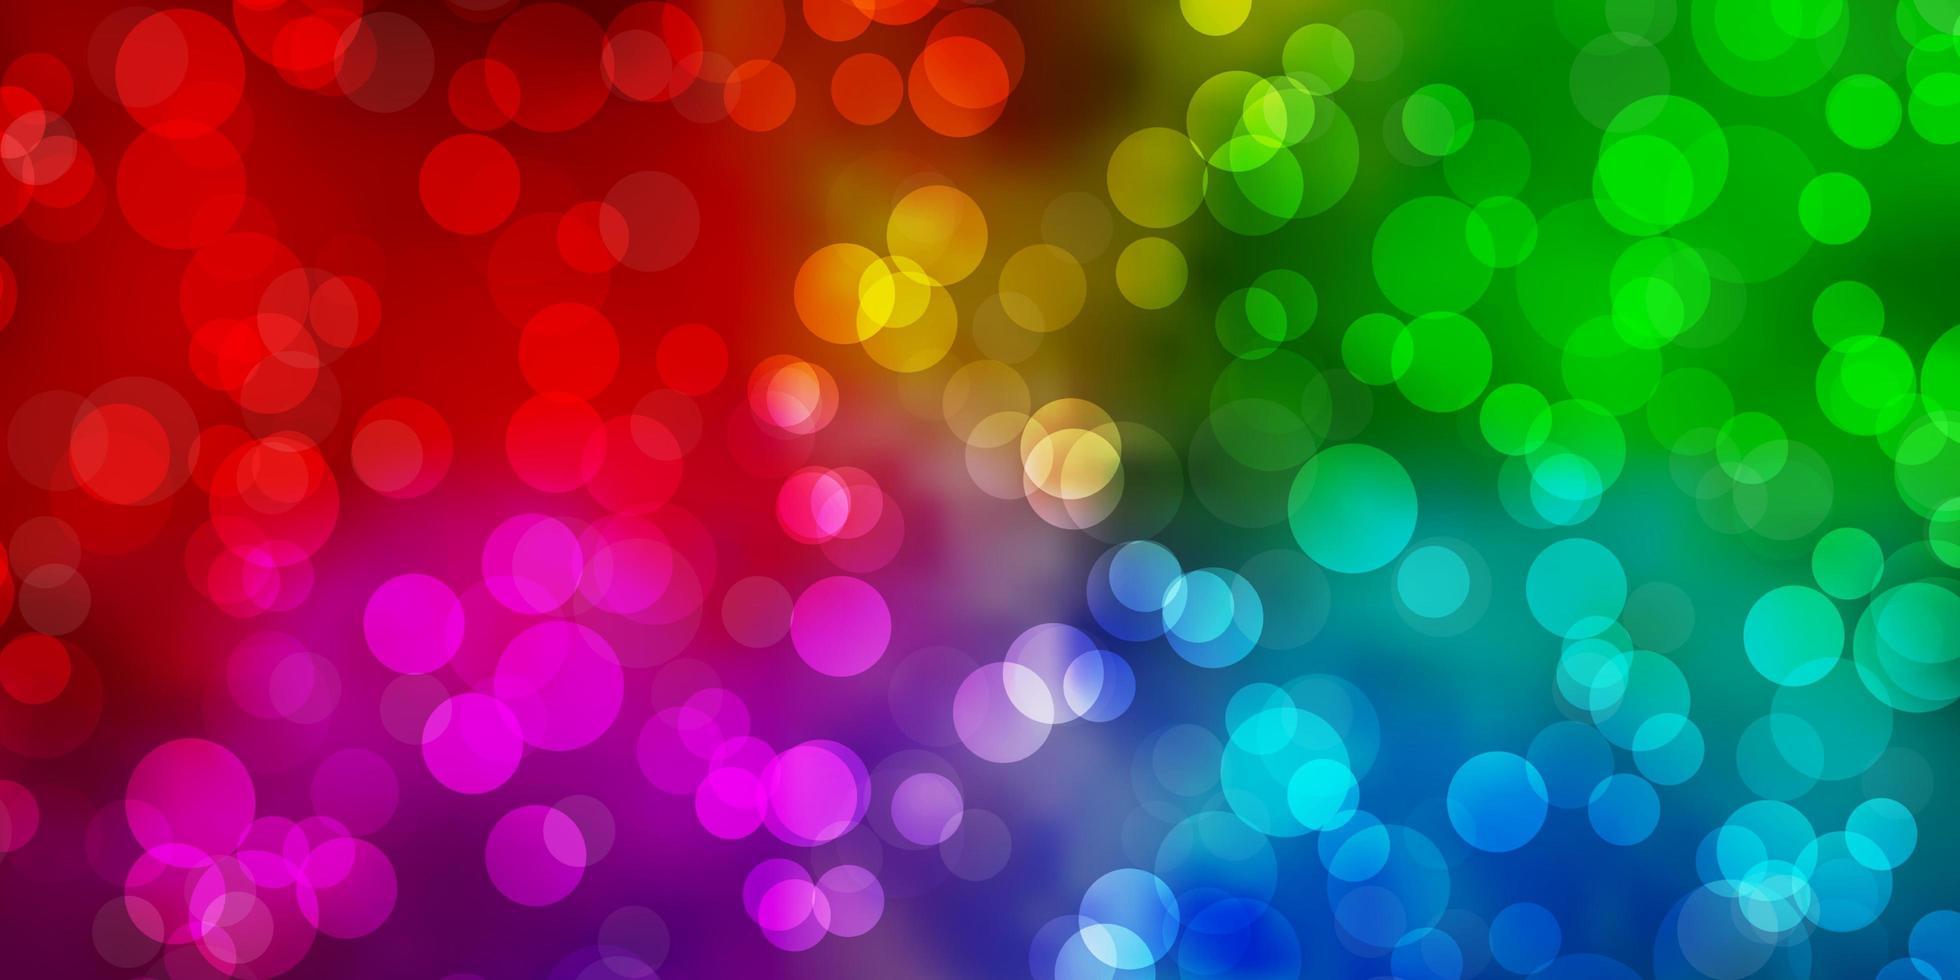 luz de fundo multicolor vector com círculos.